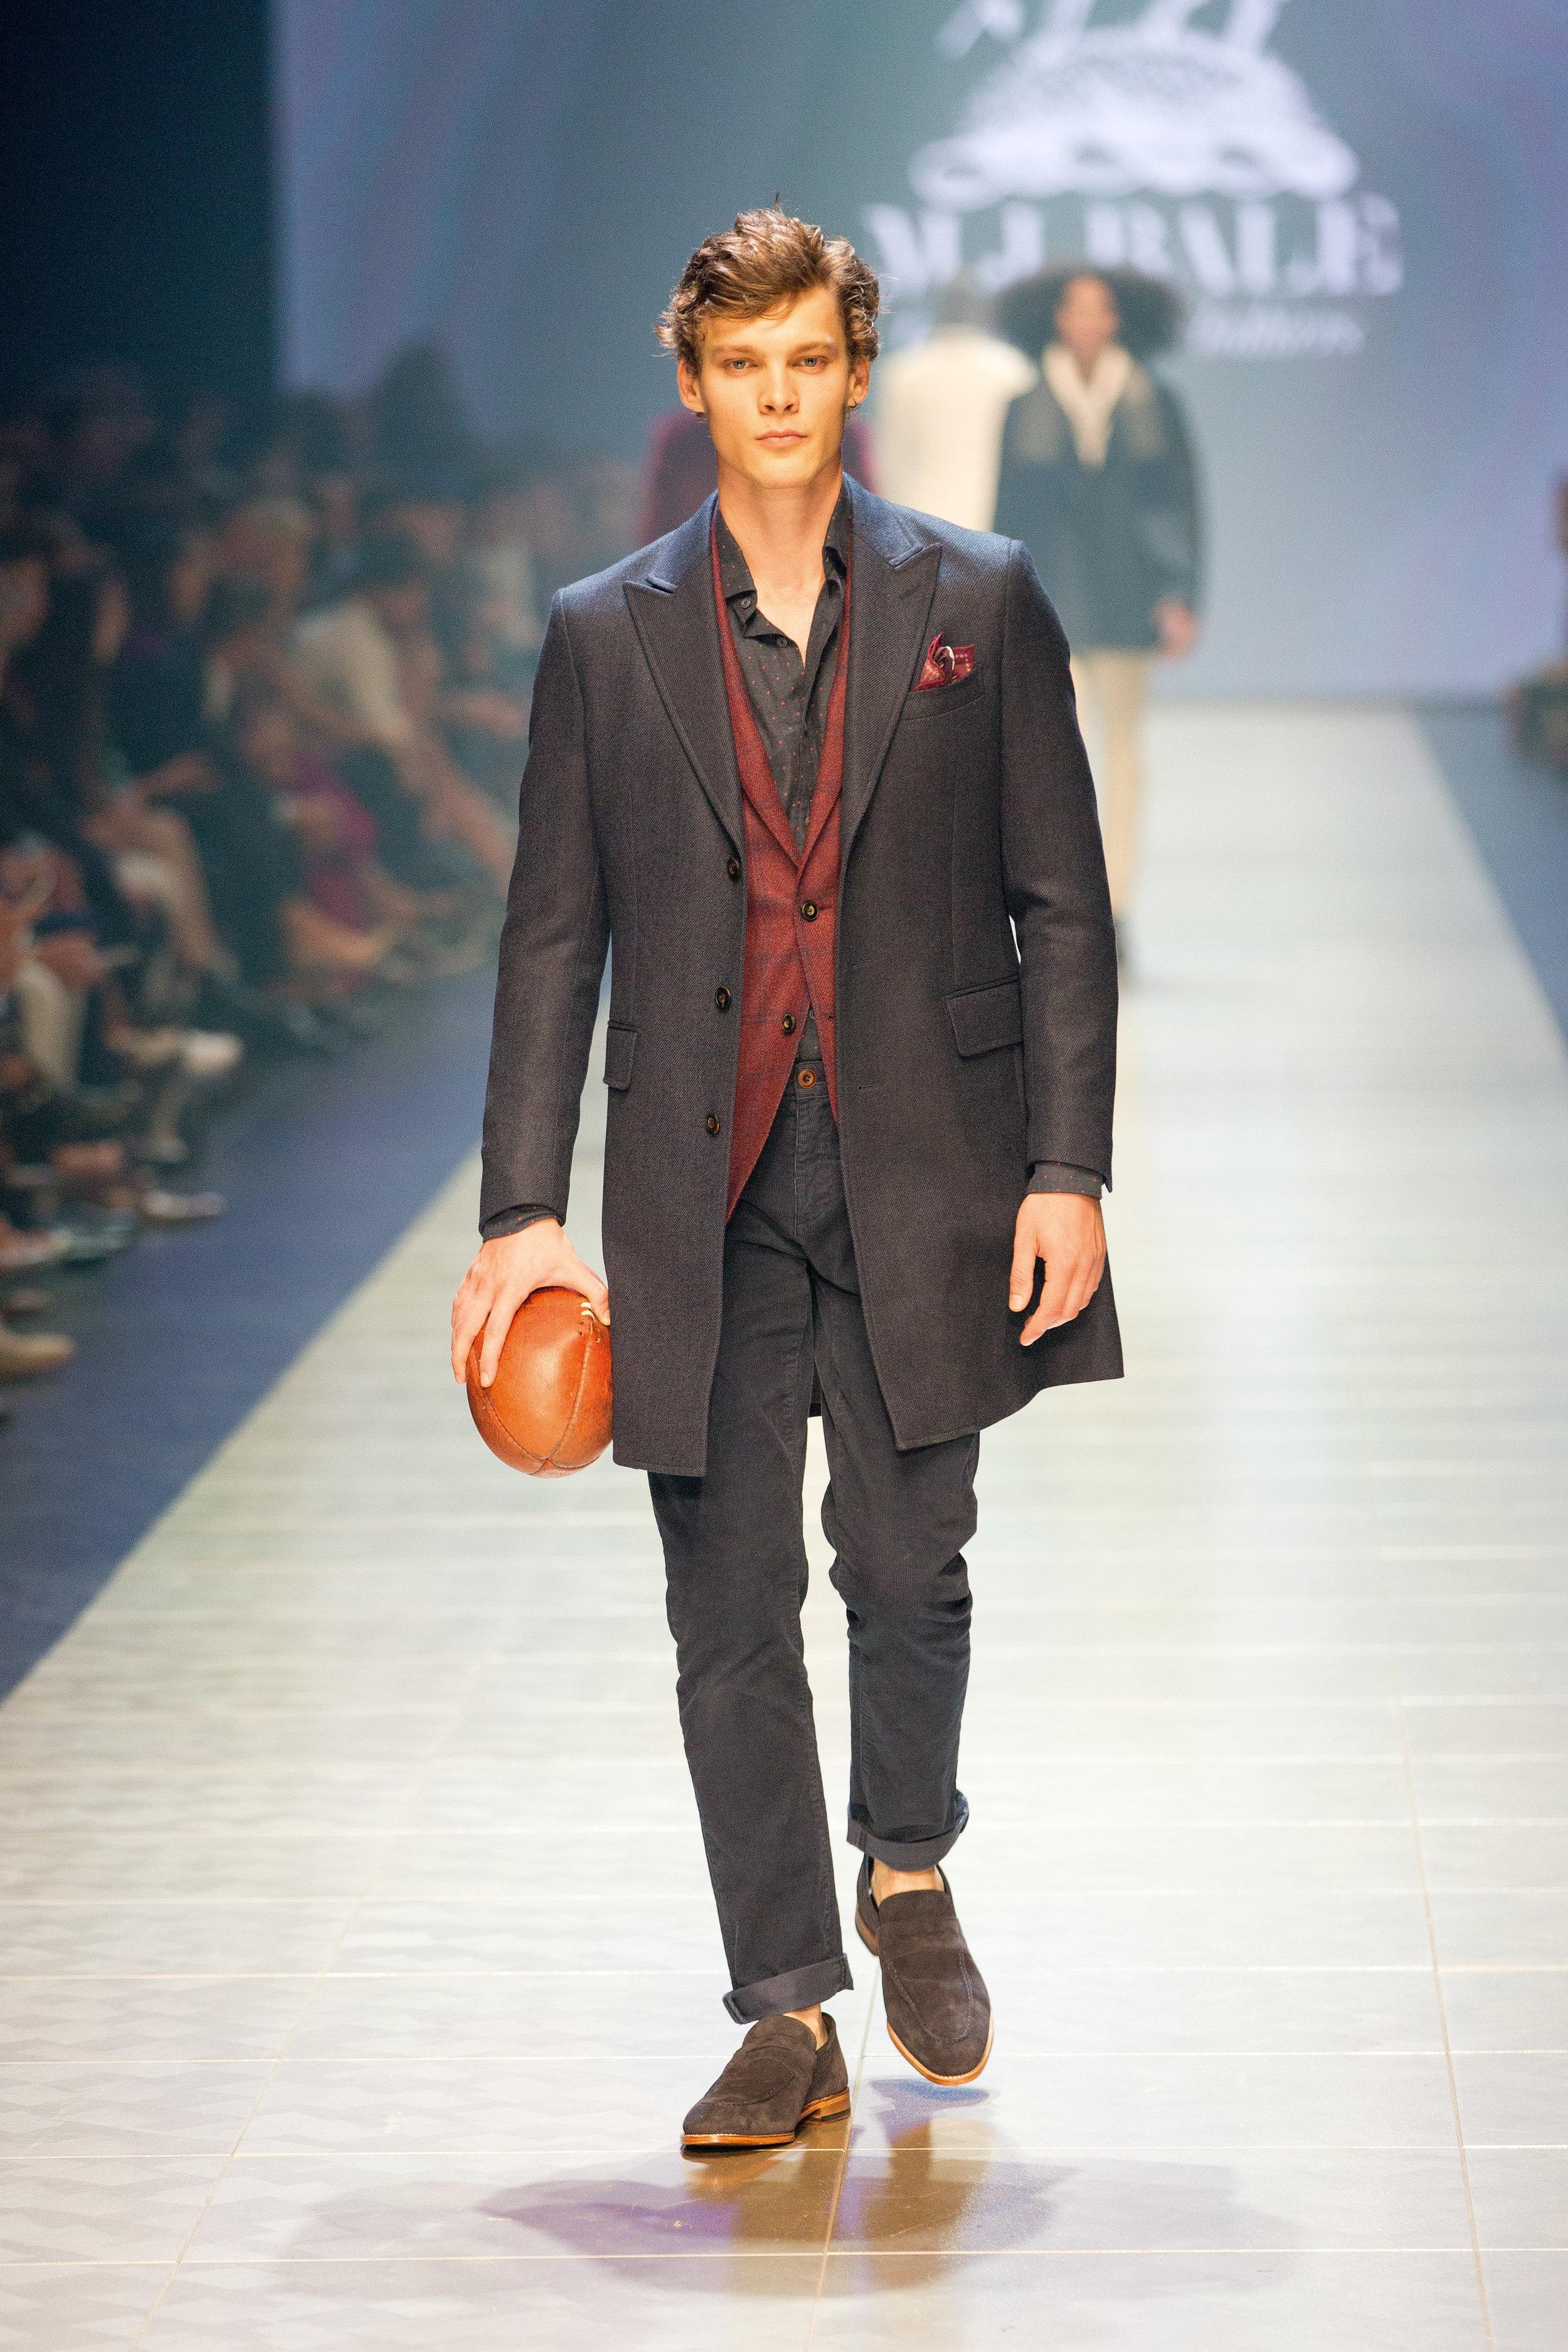 VAMFF2019_GQ Menswear-329.jpg